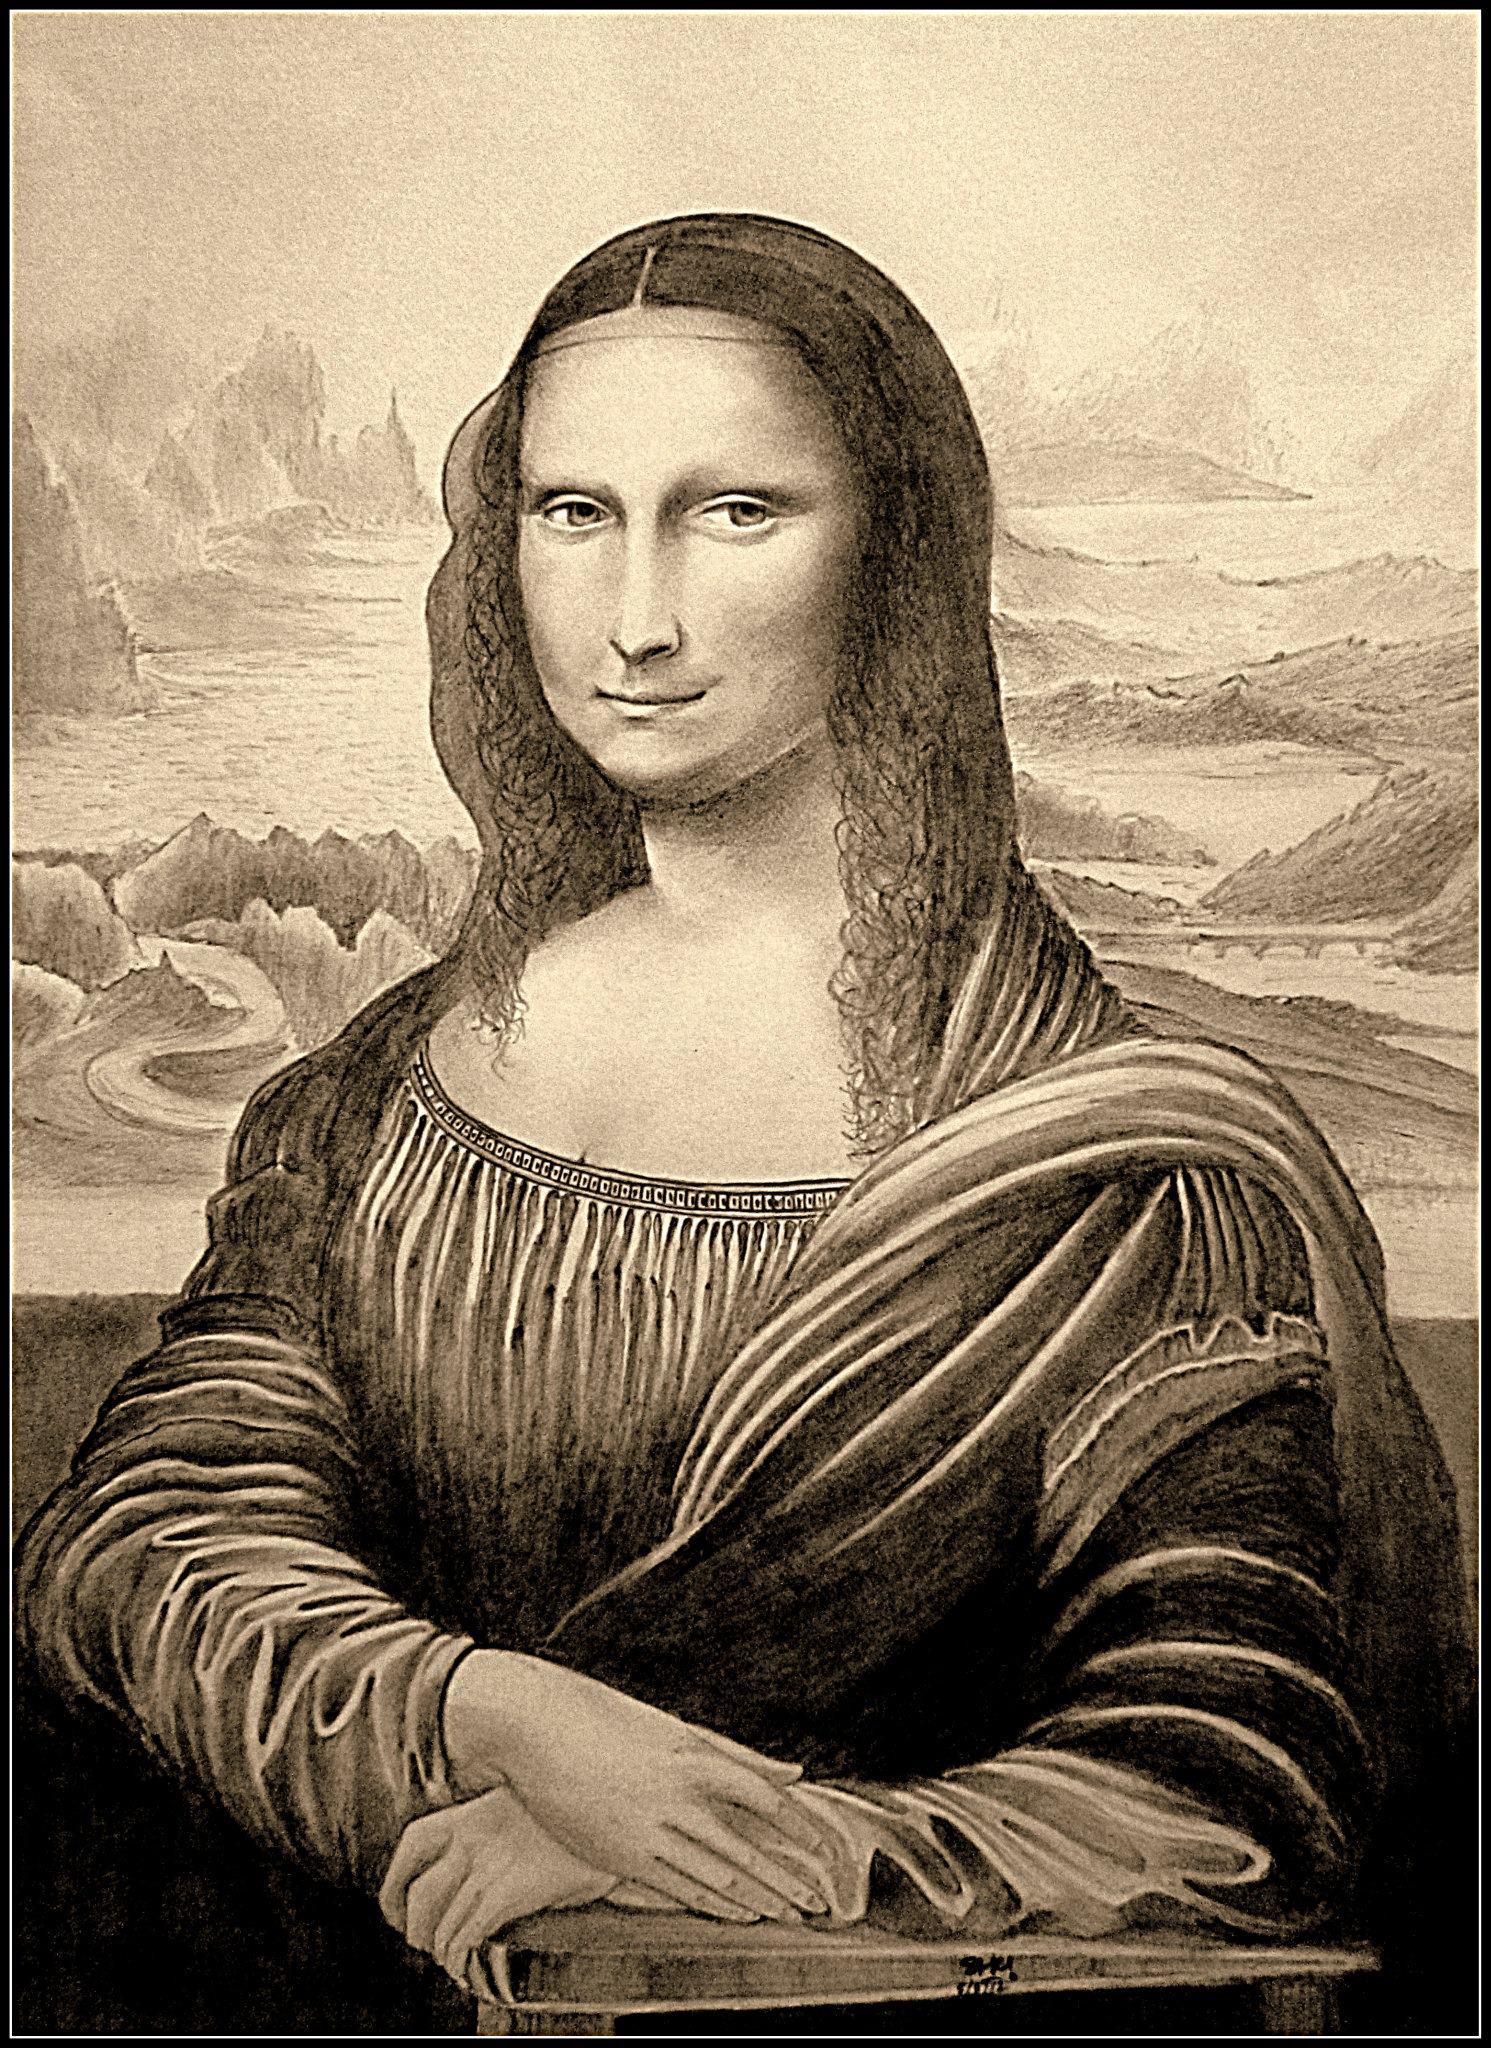 картинка монолиза кто нарисовал показатель